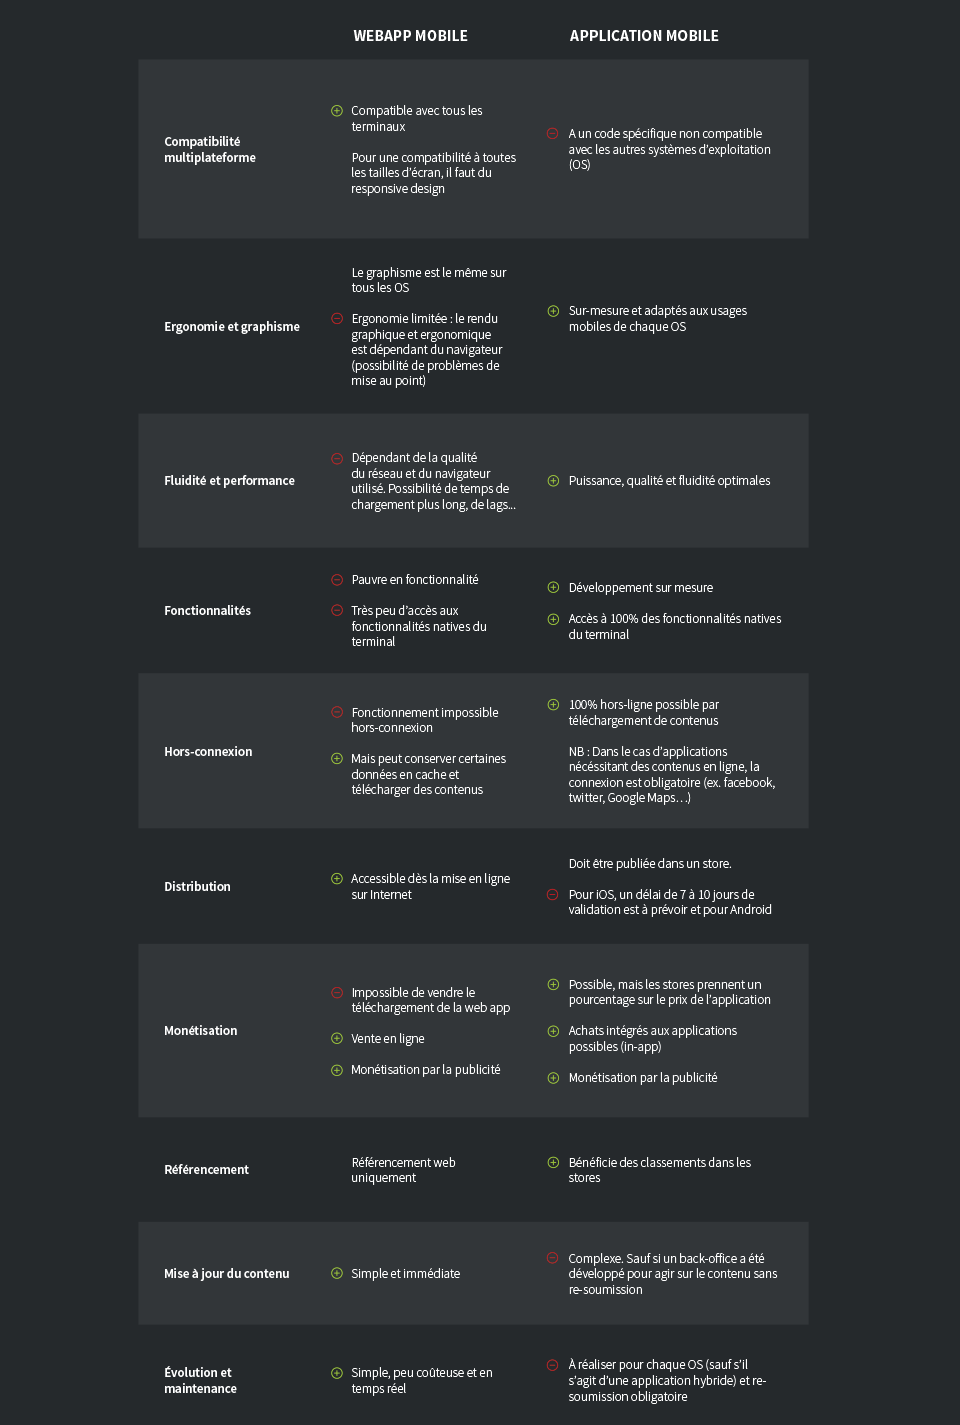 comparaison webapp application mobile